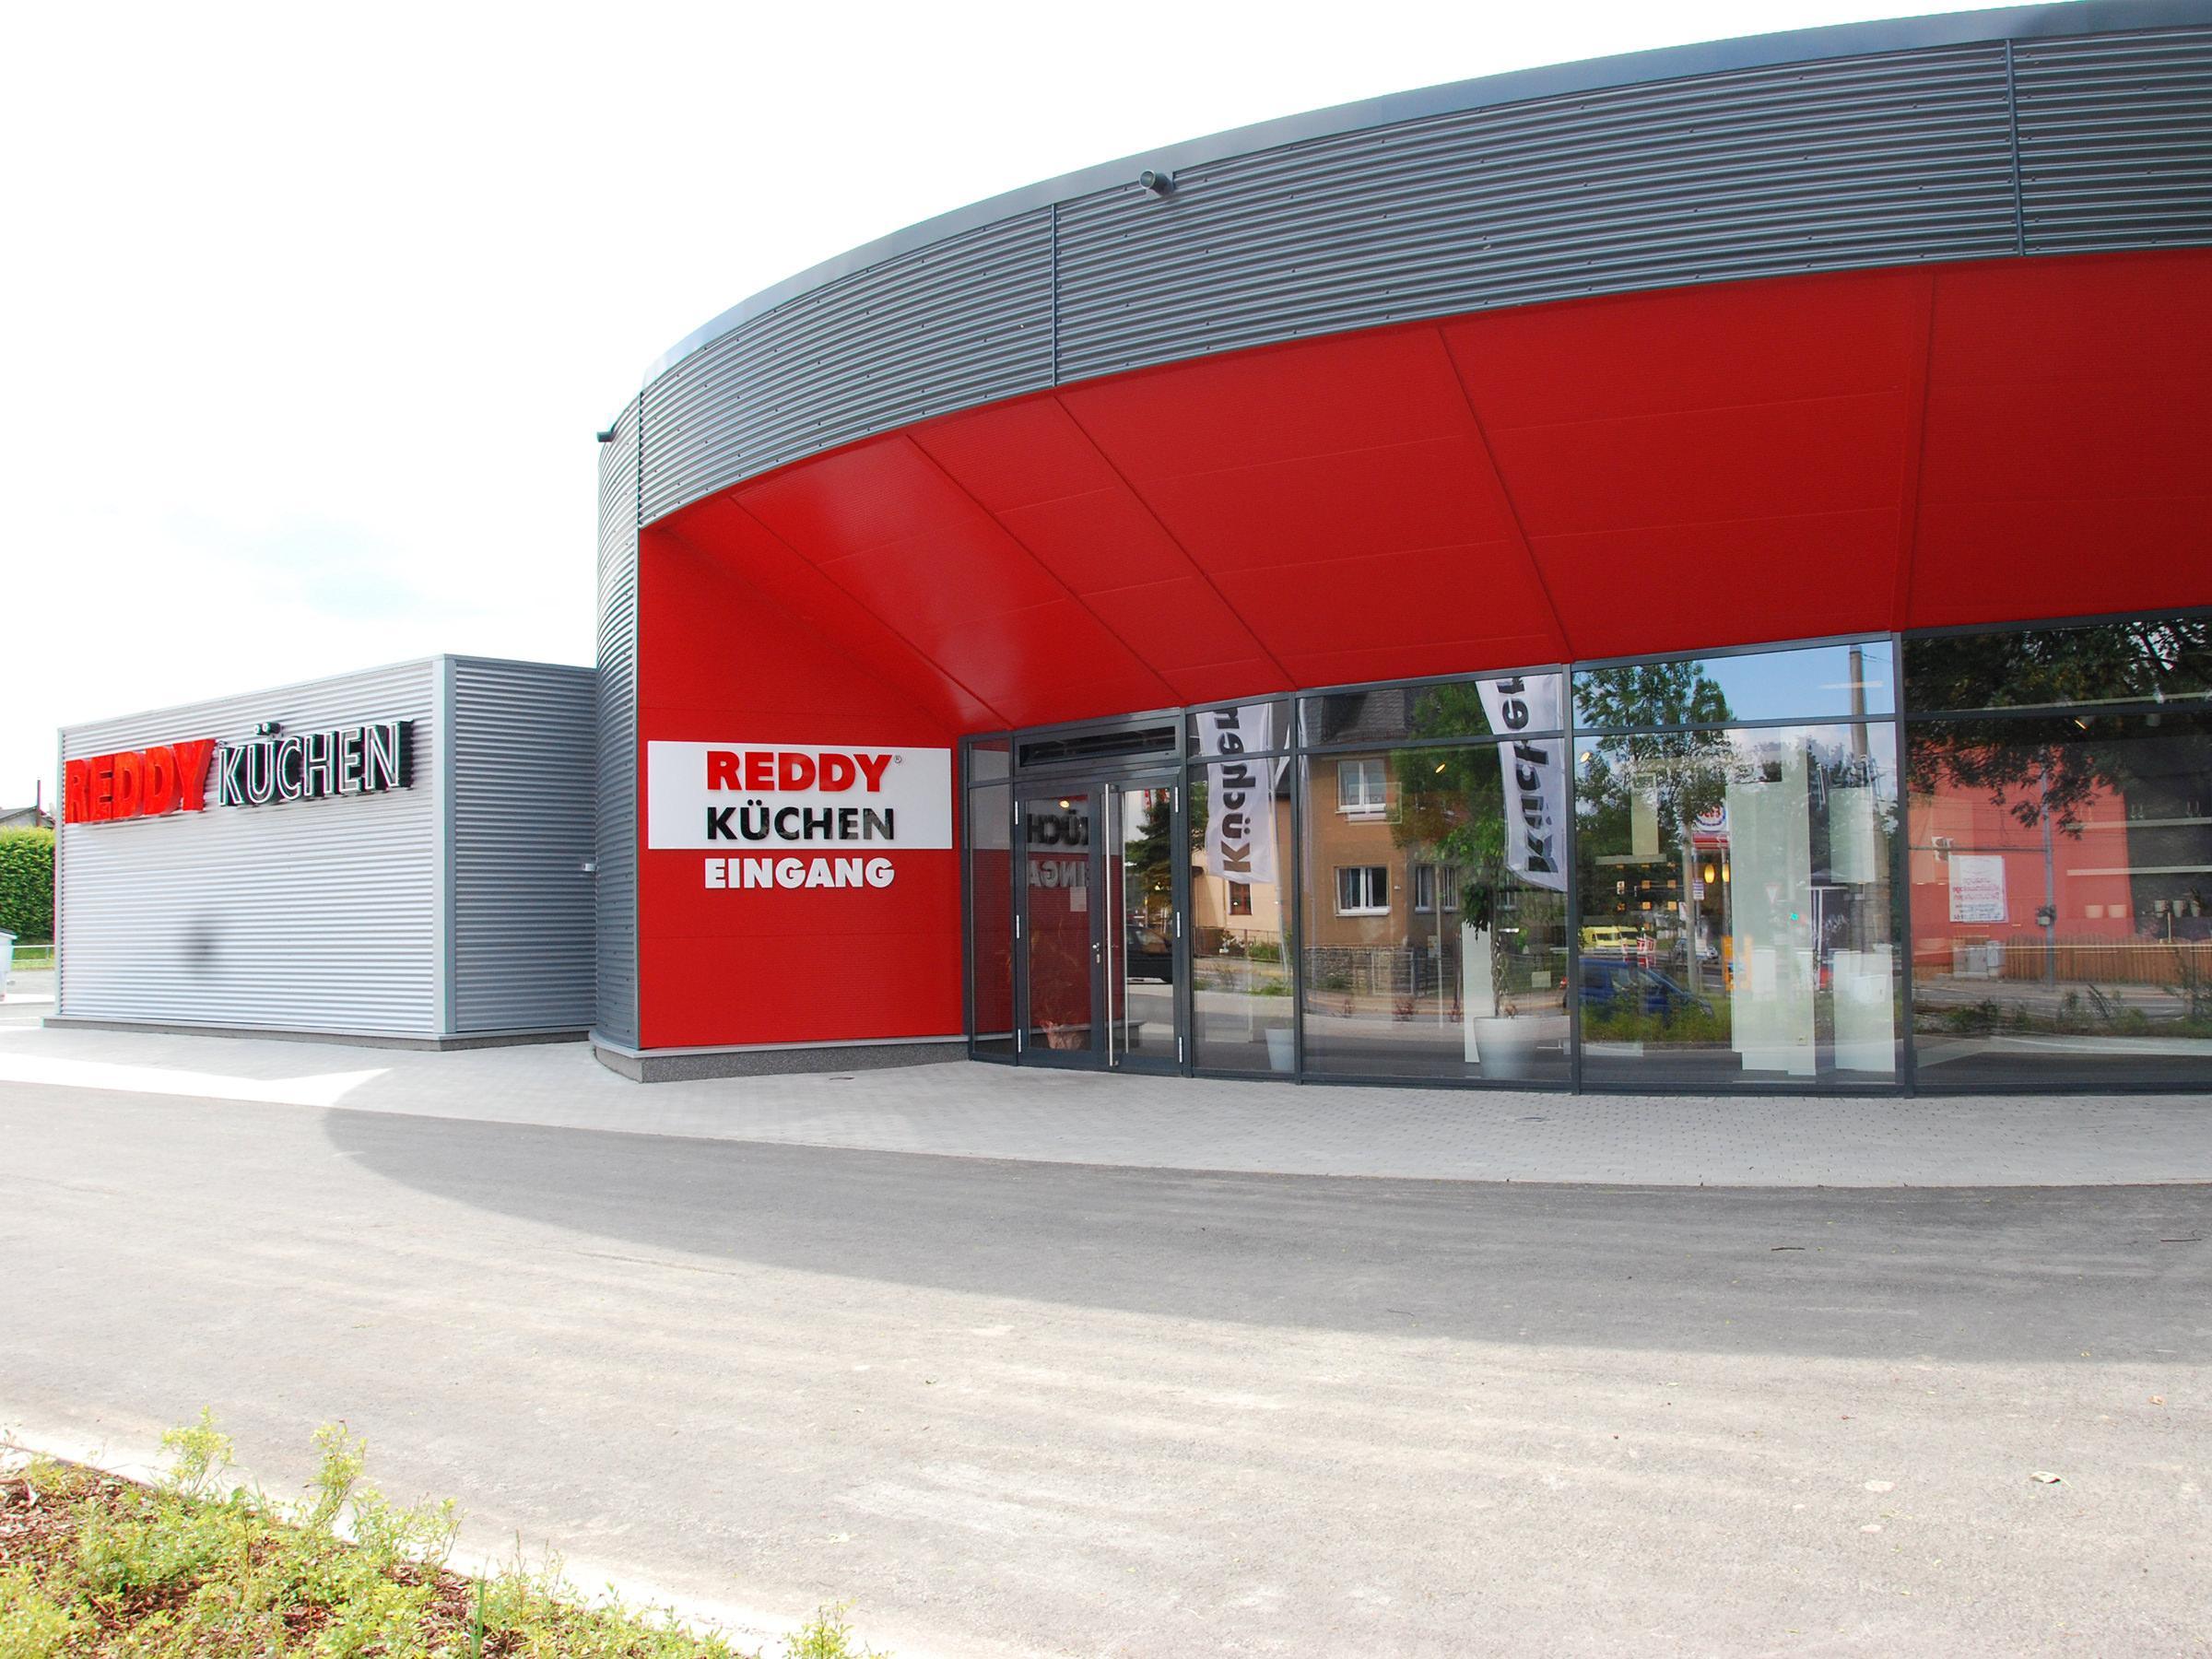 REDDY Küchen Chemnitz in Chemnitz - Branchenbuch Deutschland